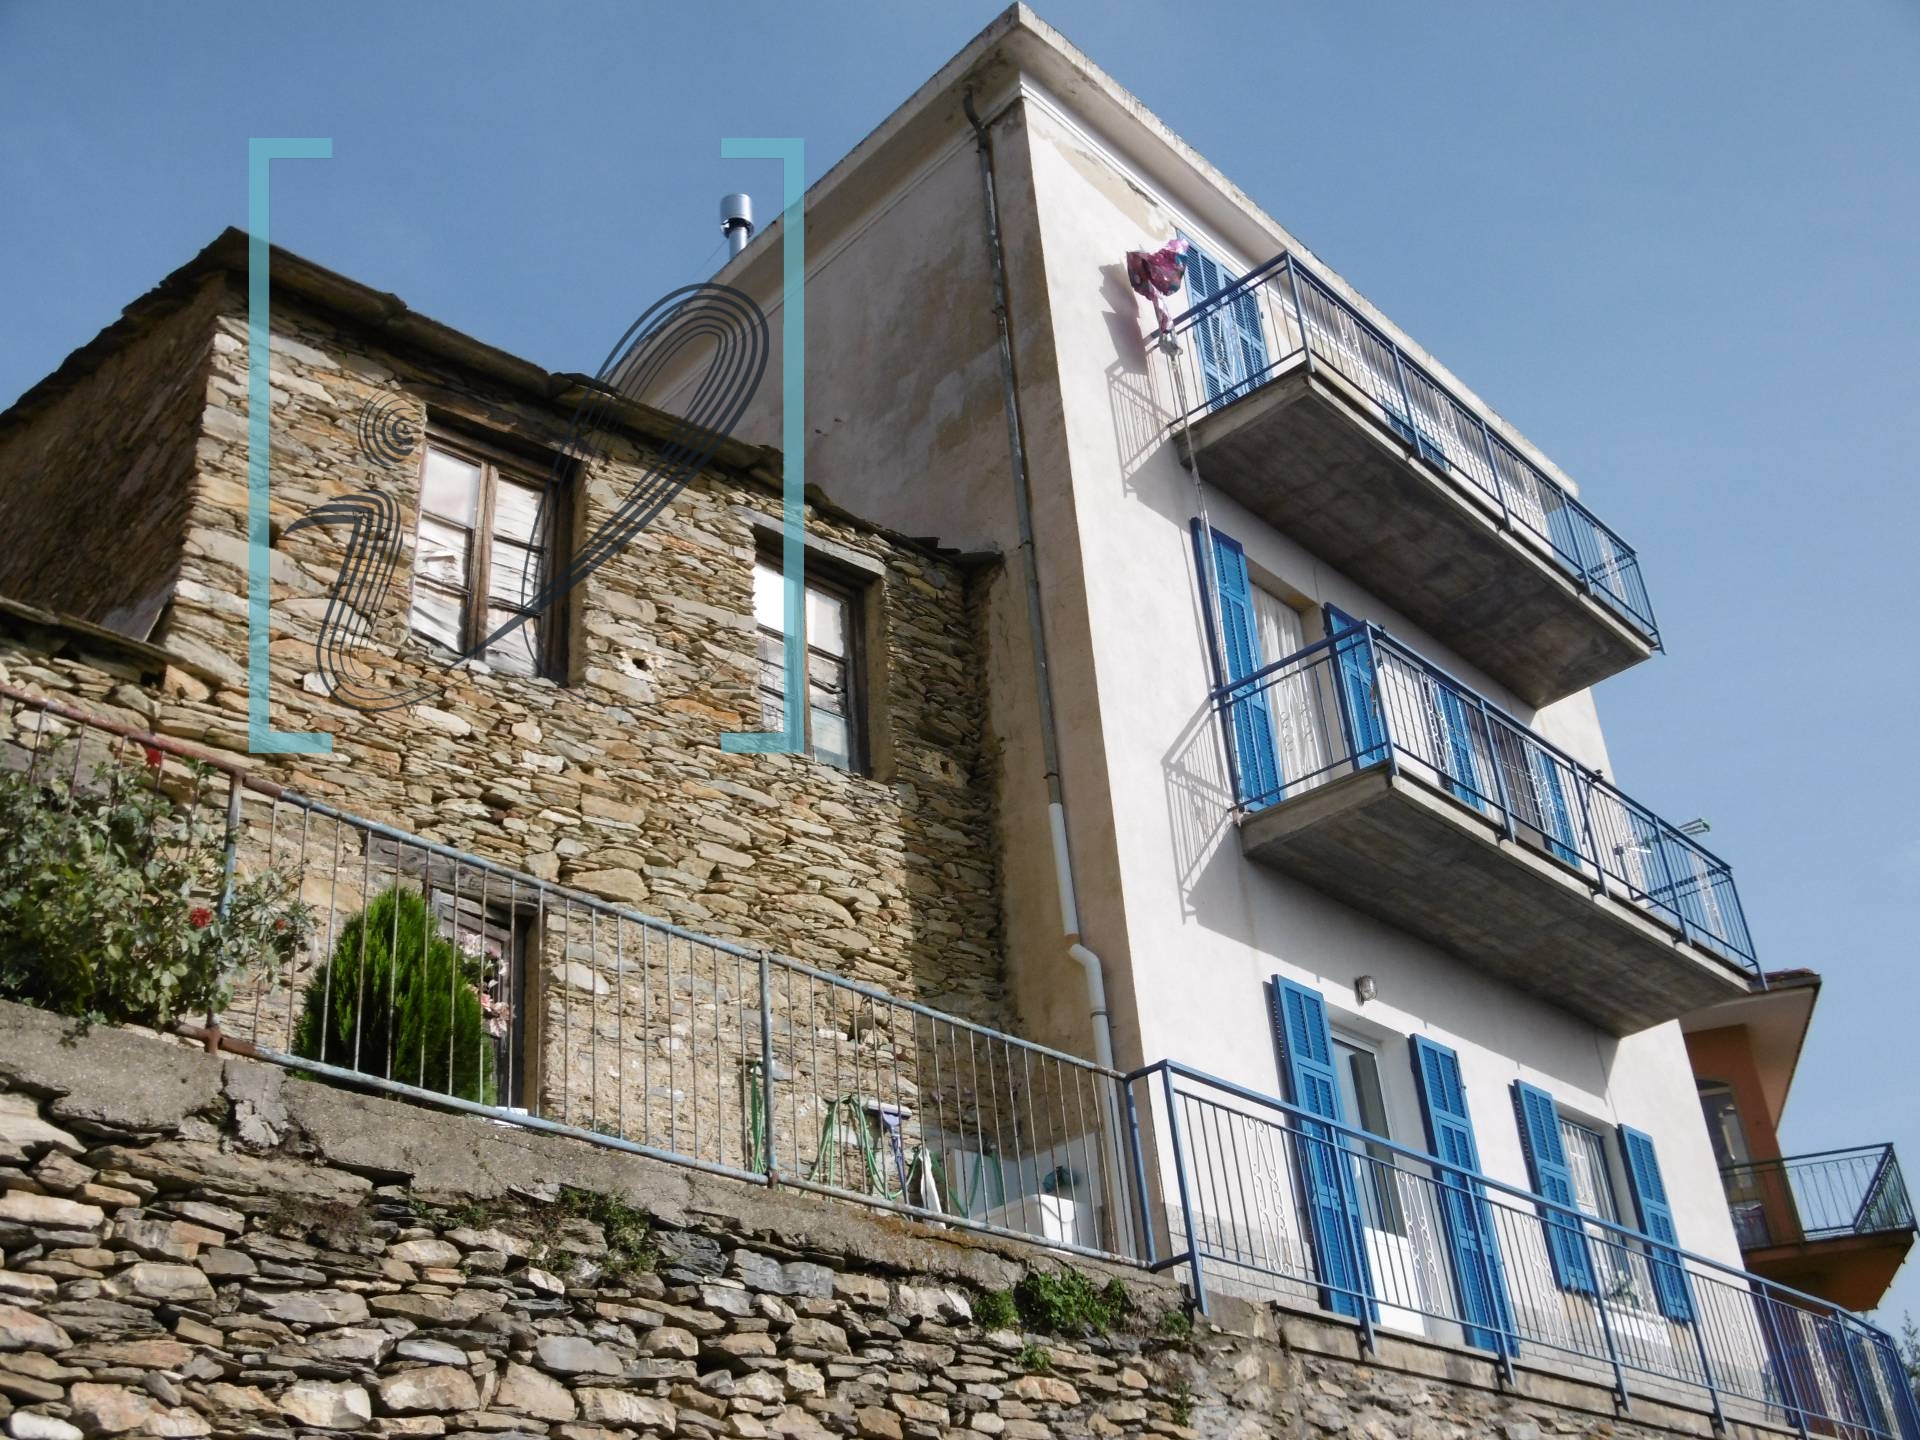 Rustico / Casale in vendita a Borghetto d'Arroscia, 7 locali, prezzo € 88.000 | CambioCasa.it